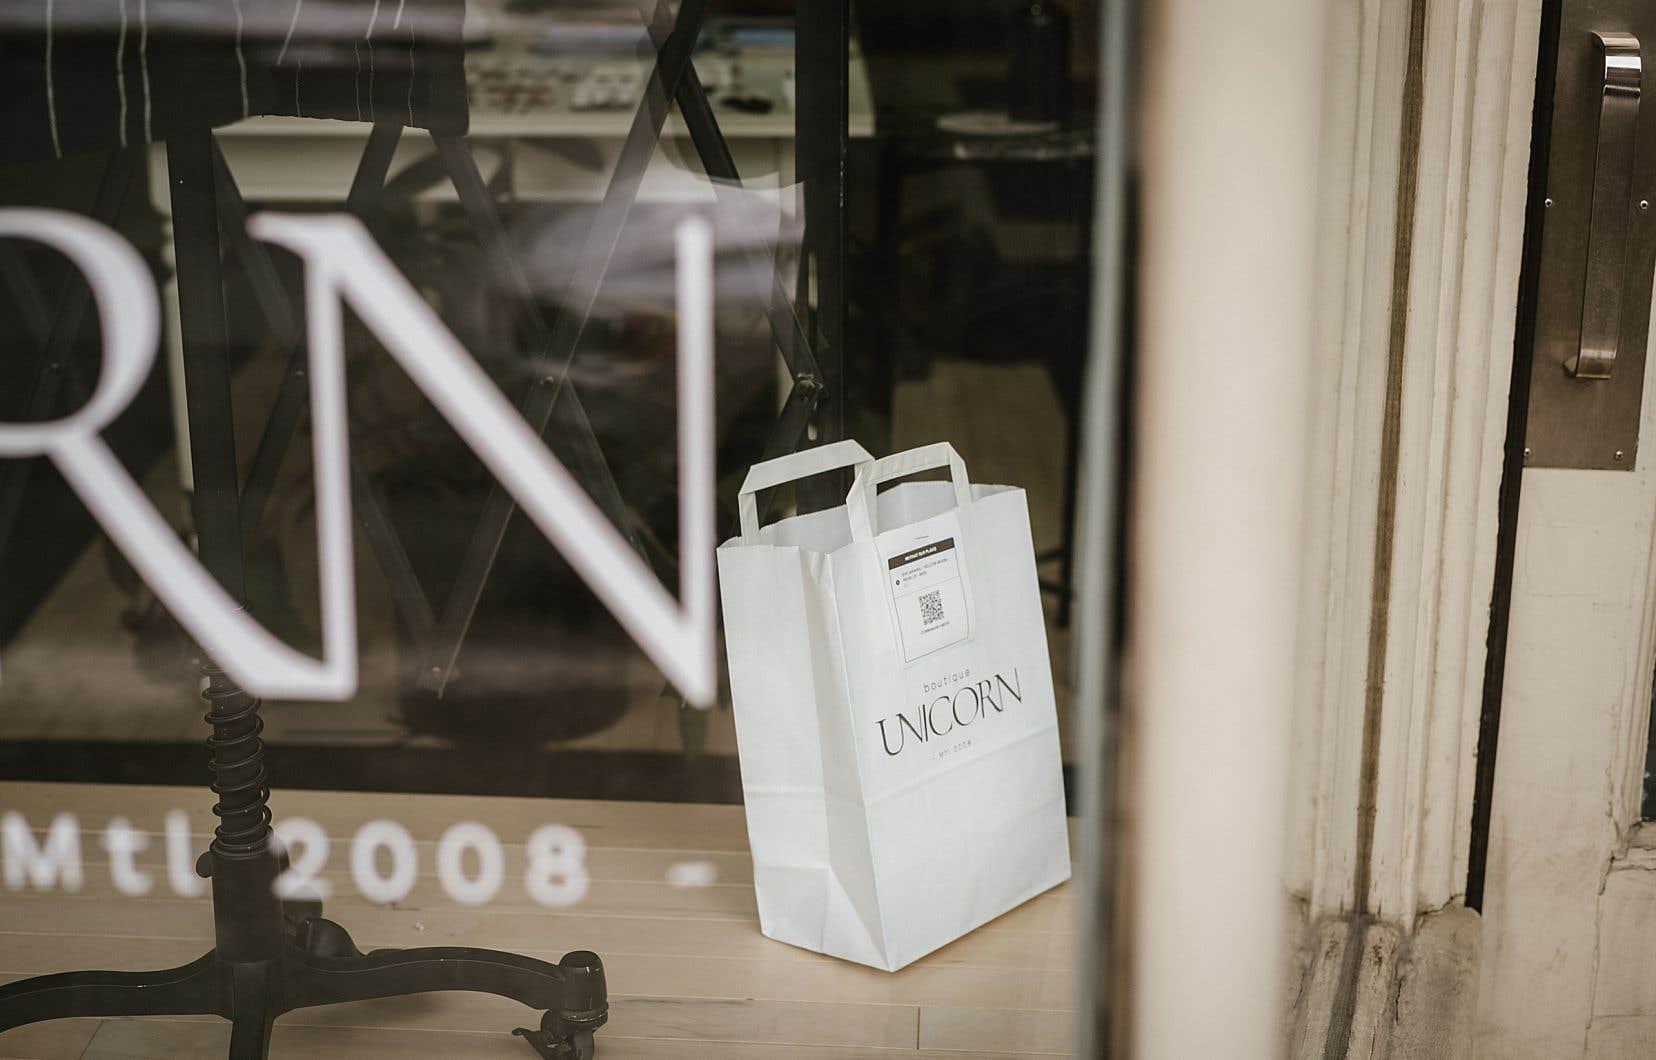 Un paquet prêt à être ramassé à la boutique de vêtements Unicorn, sur le boulevard Saint-Laurent à Montréal. Les «fashionistas» doivent patienter à l'extérieur de la boutique pour recevoir leurs achats.